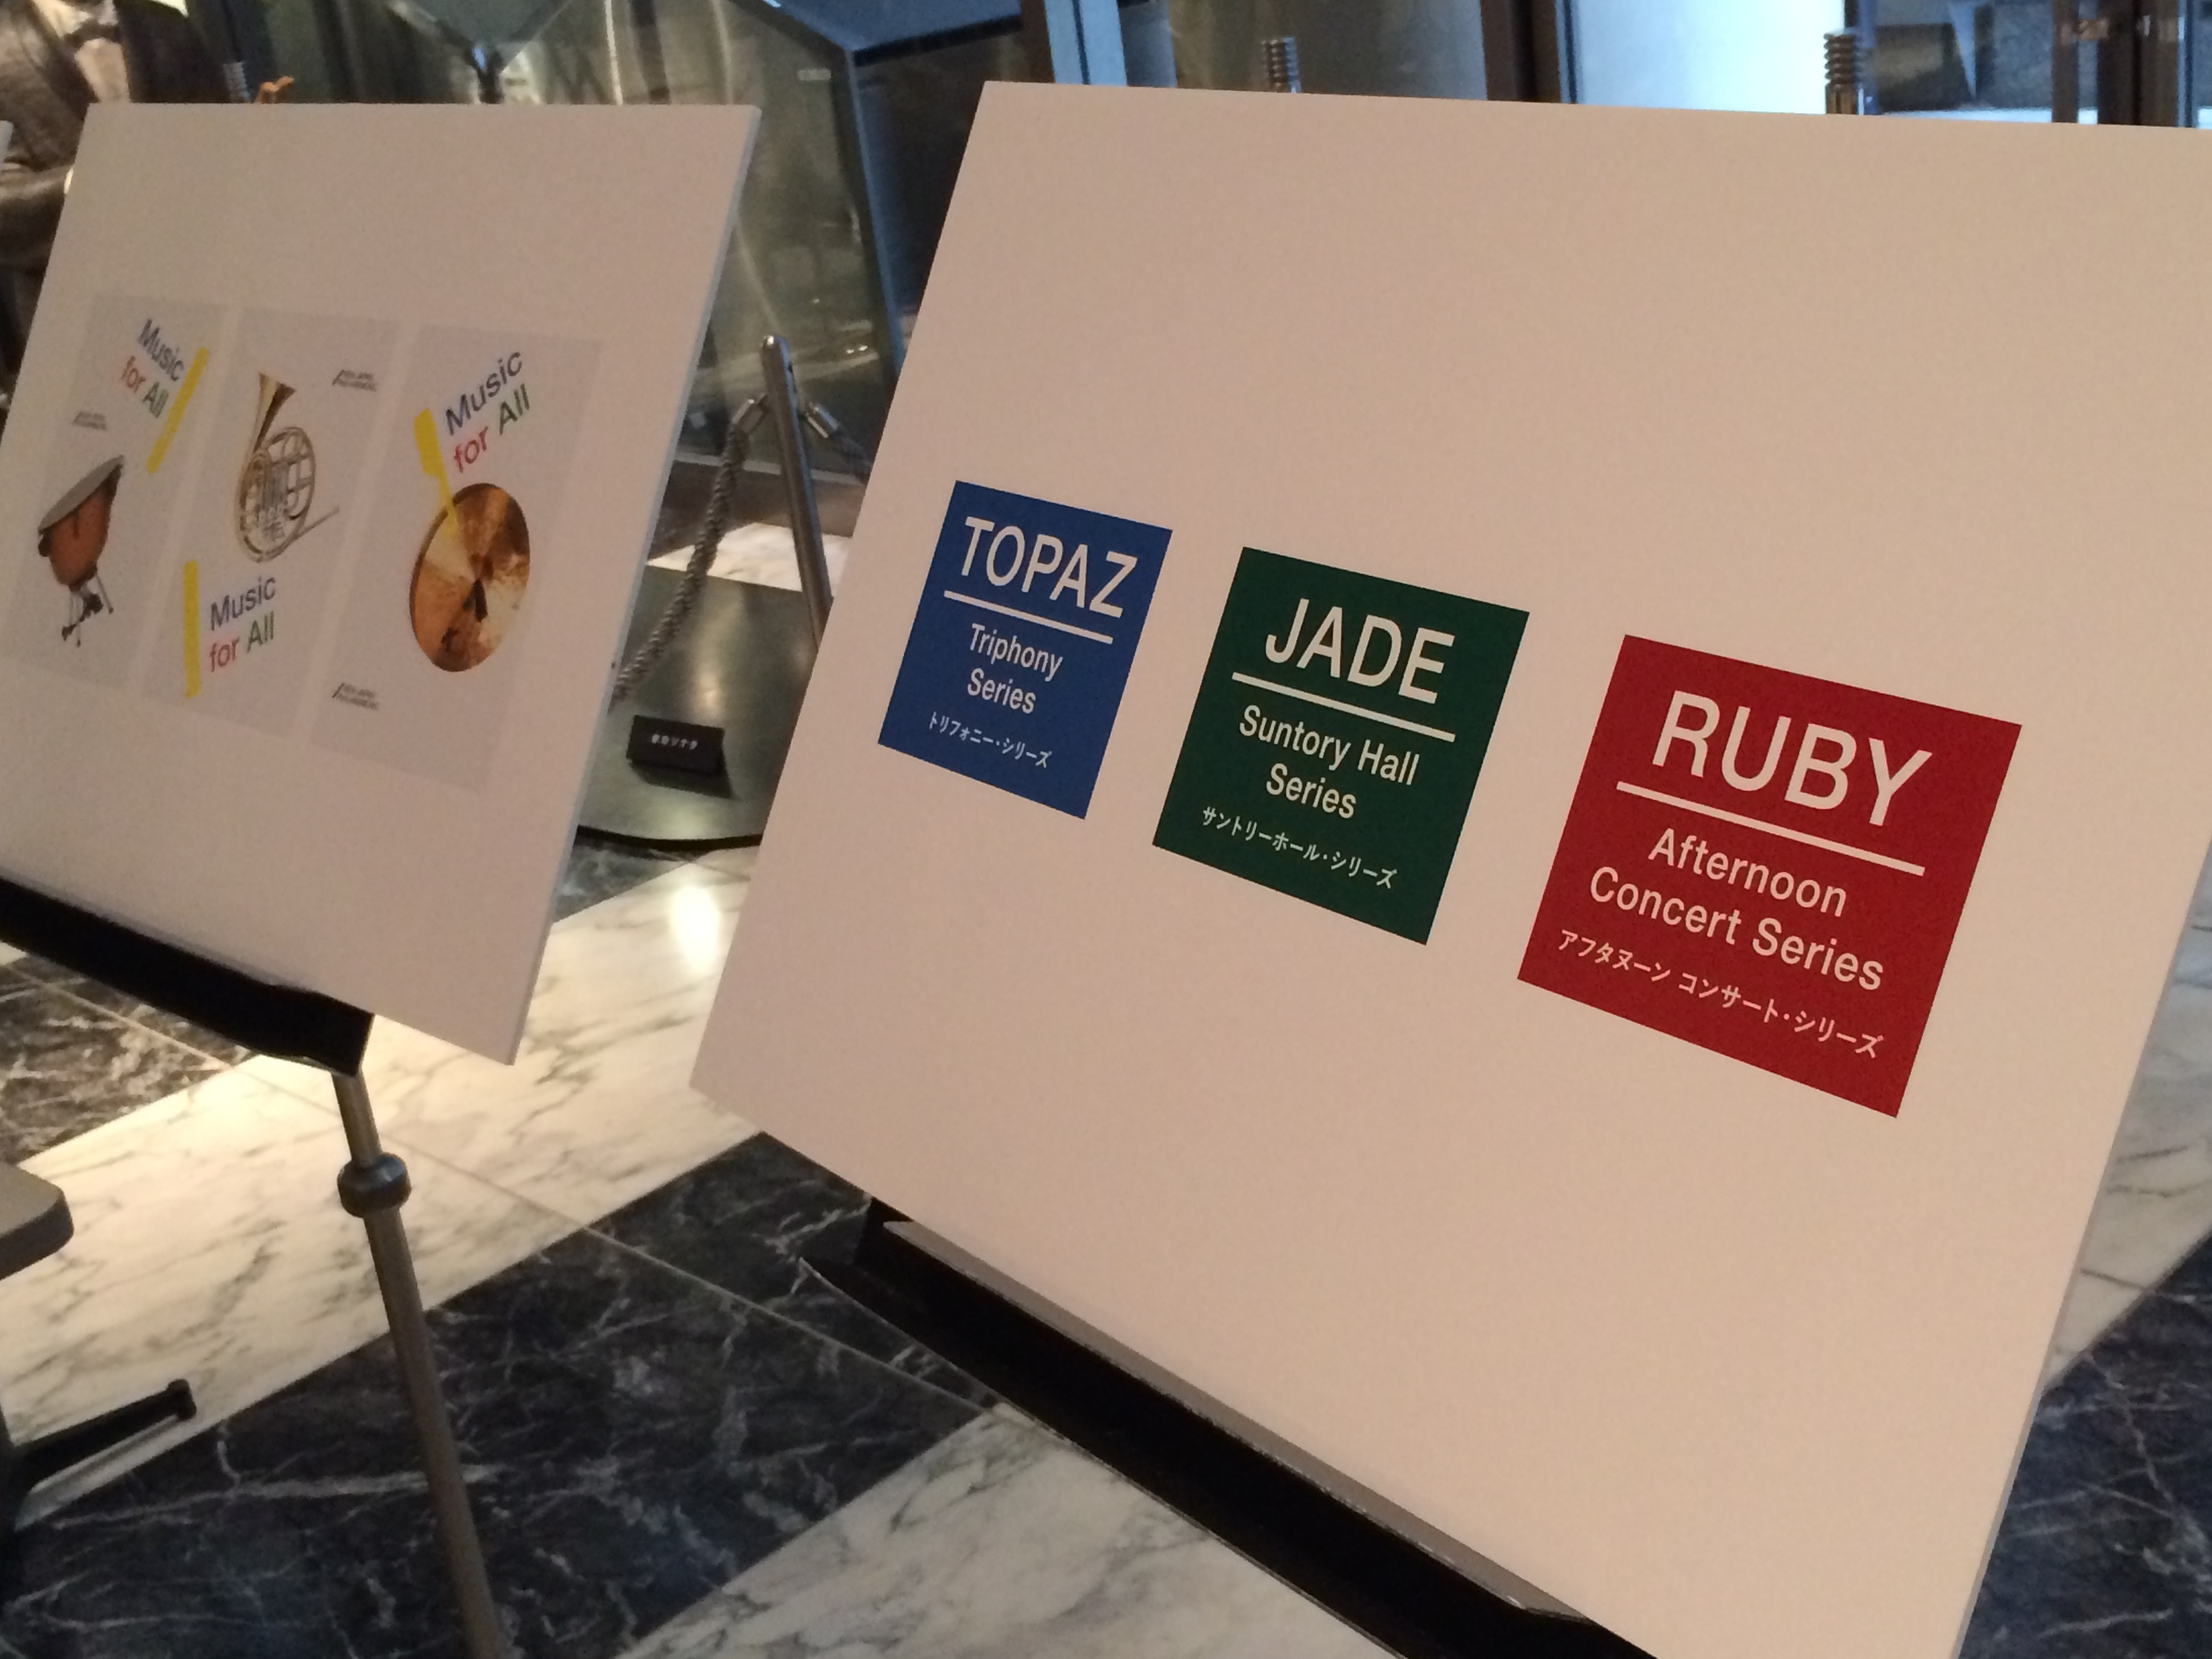 この日は定期演奏会のシリーズロゴの展示なども行われた